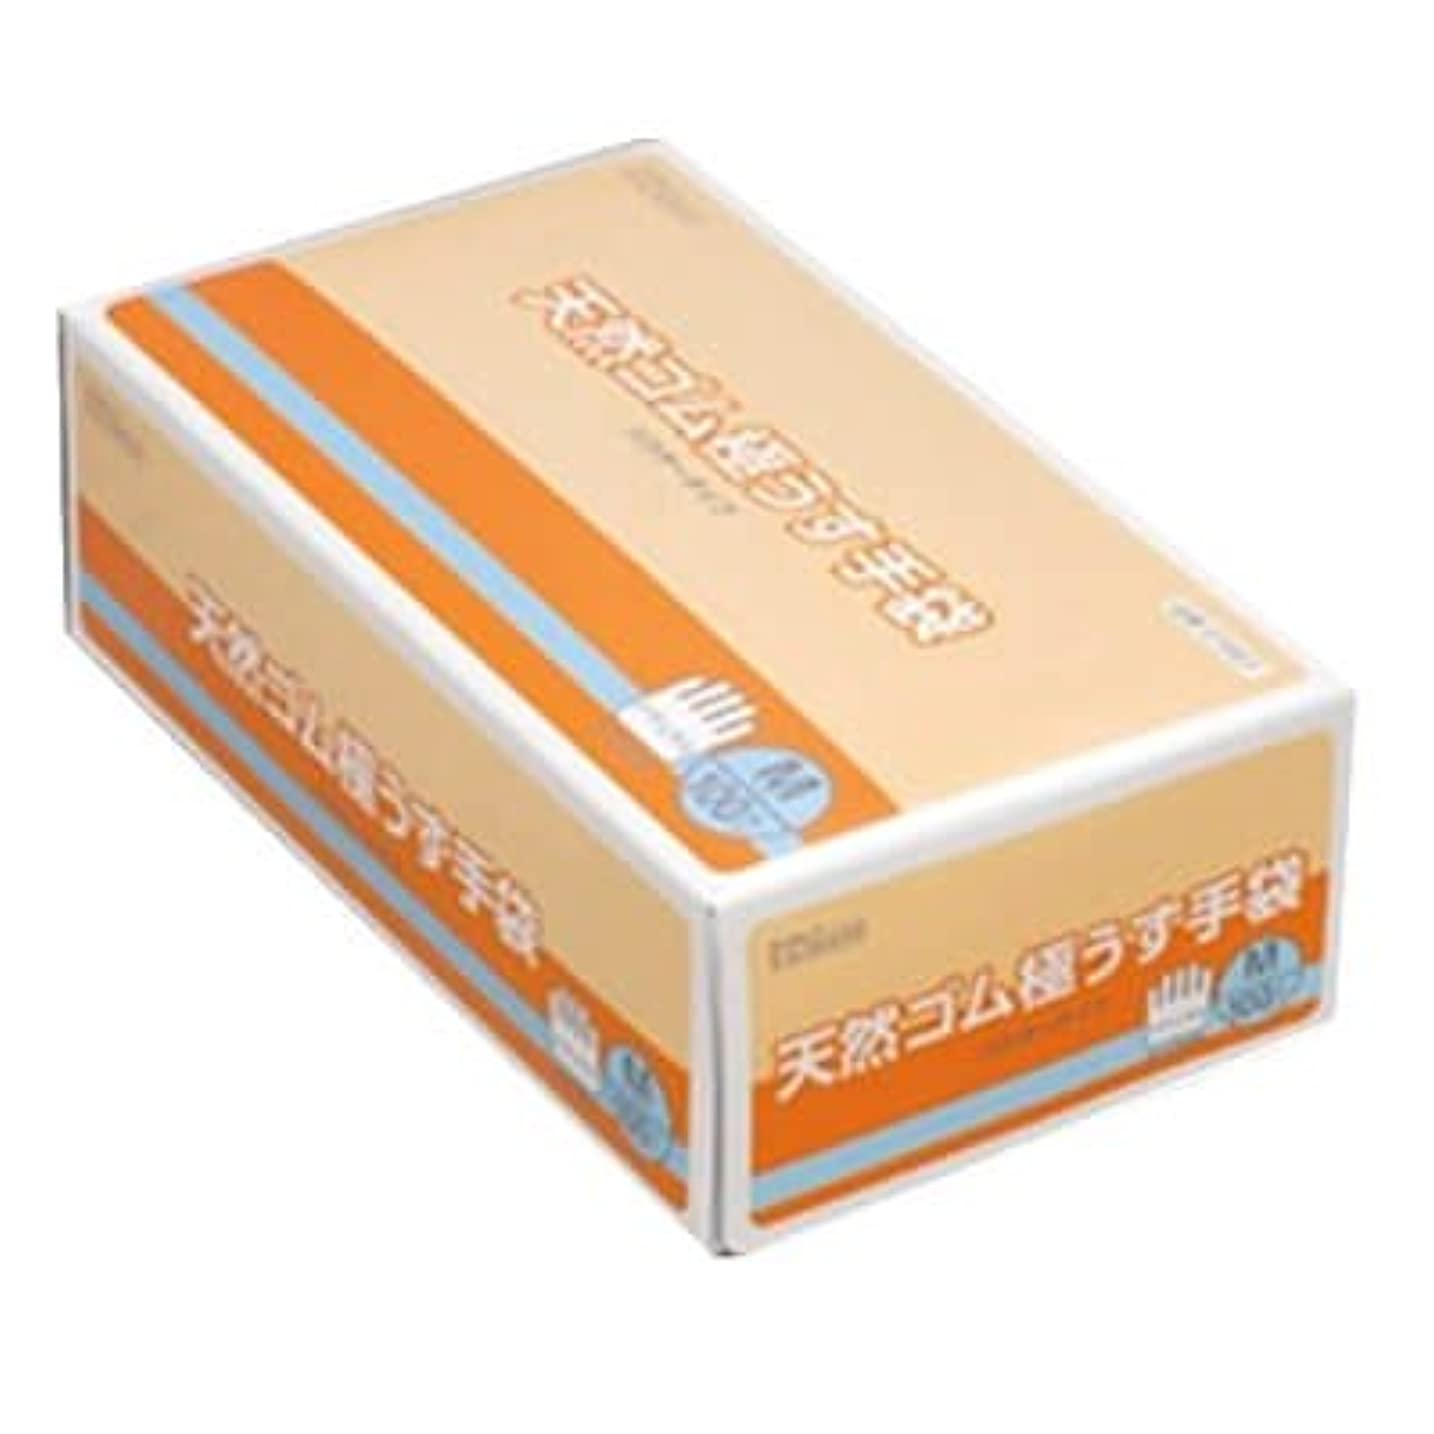 節約方向キャリッジ【ケース販売】 ダンロップ 天然ゴム極うす手袋 M ナチュラル (100枚入×20箱)